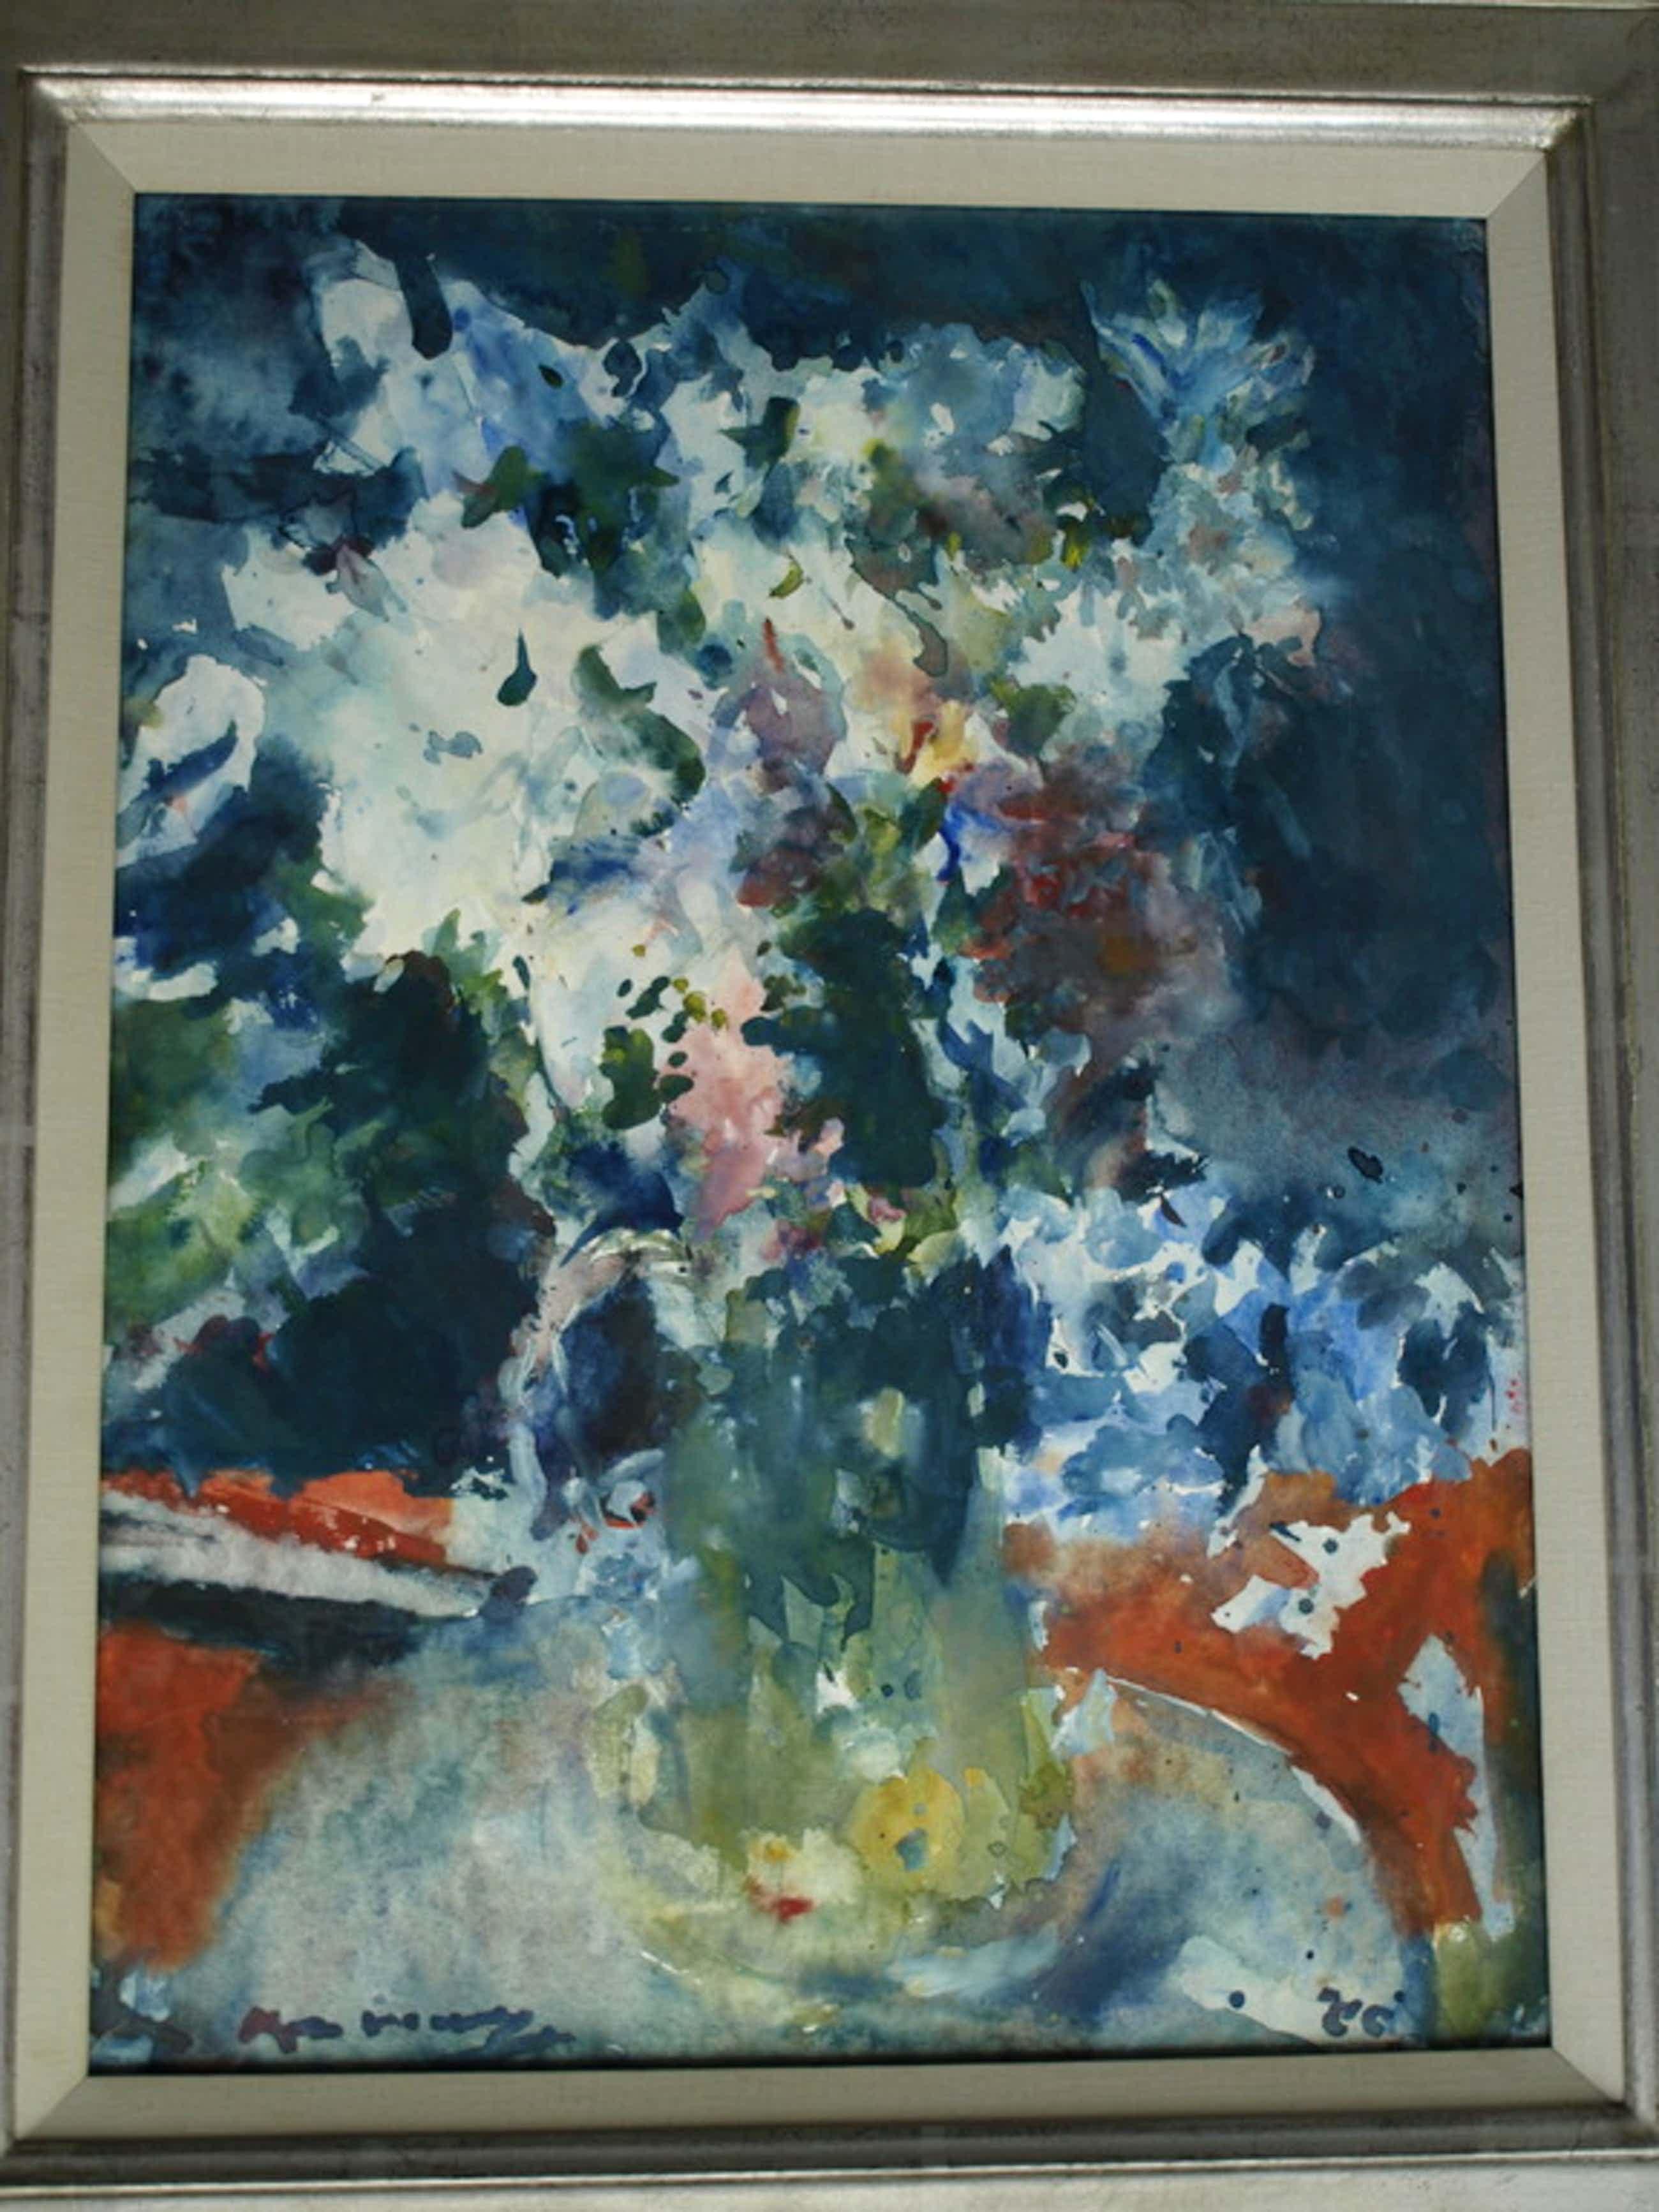 Kees Verwey : Aquarel , Bloemen in gele kan - gesigneerd & ingelijst – 1980 kopen? Bied vanaf 1000!